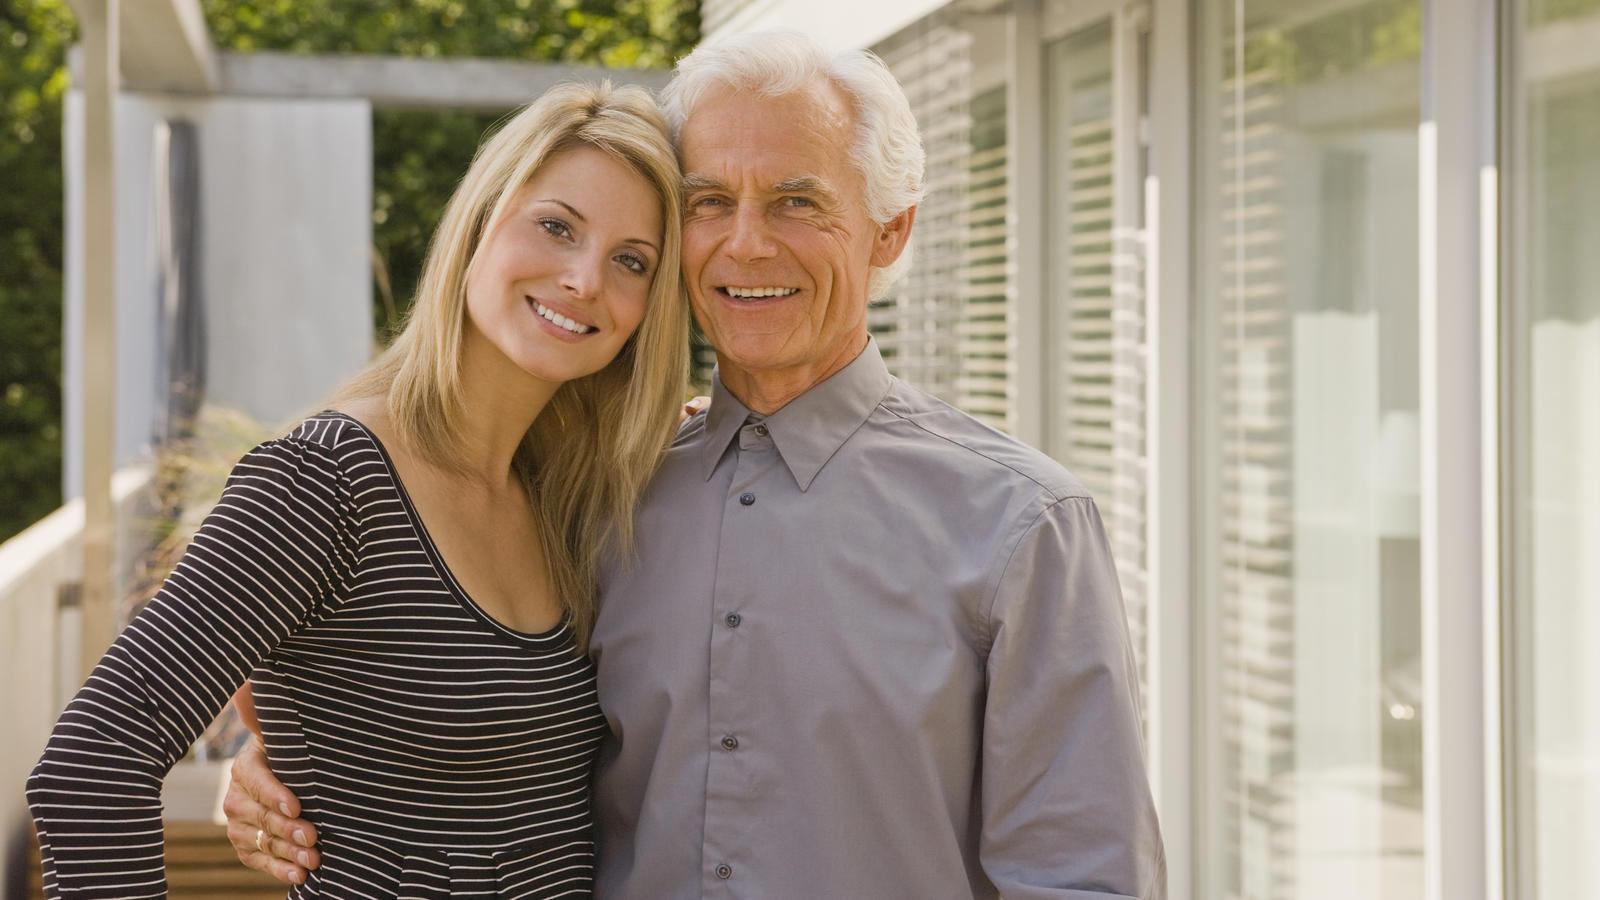 Altersunterschied in der Beziehung: So prägt das Alter der